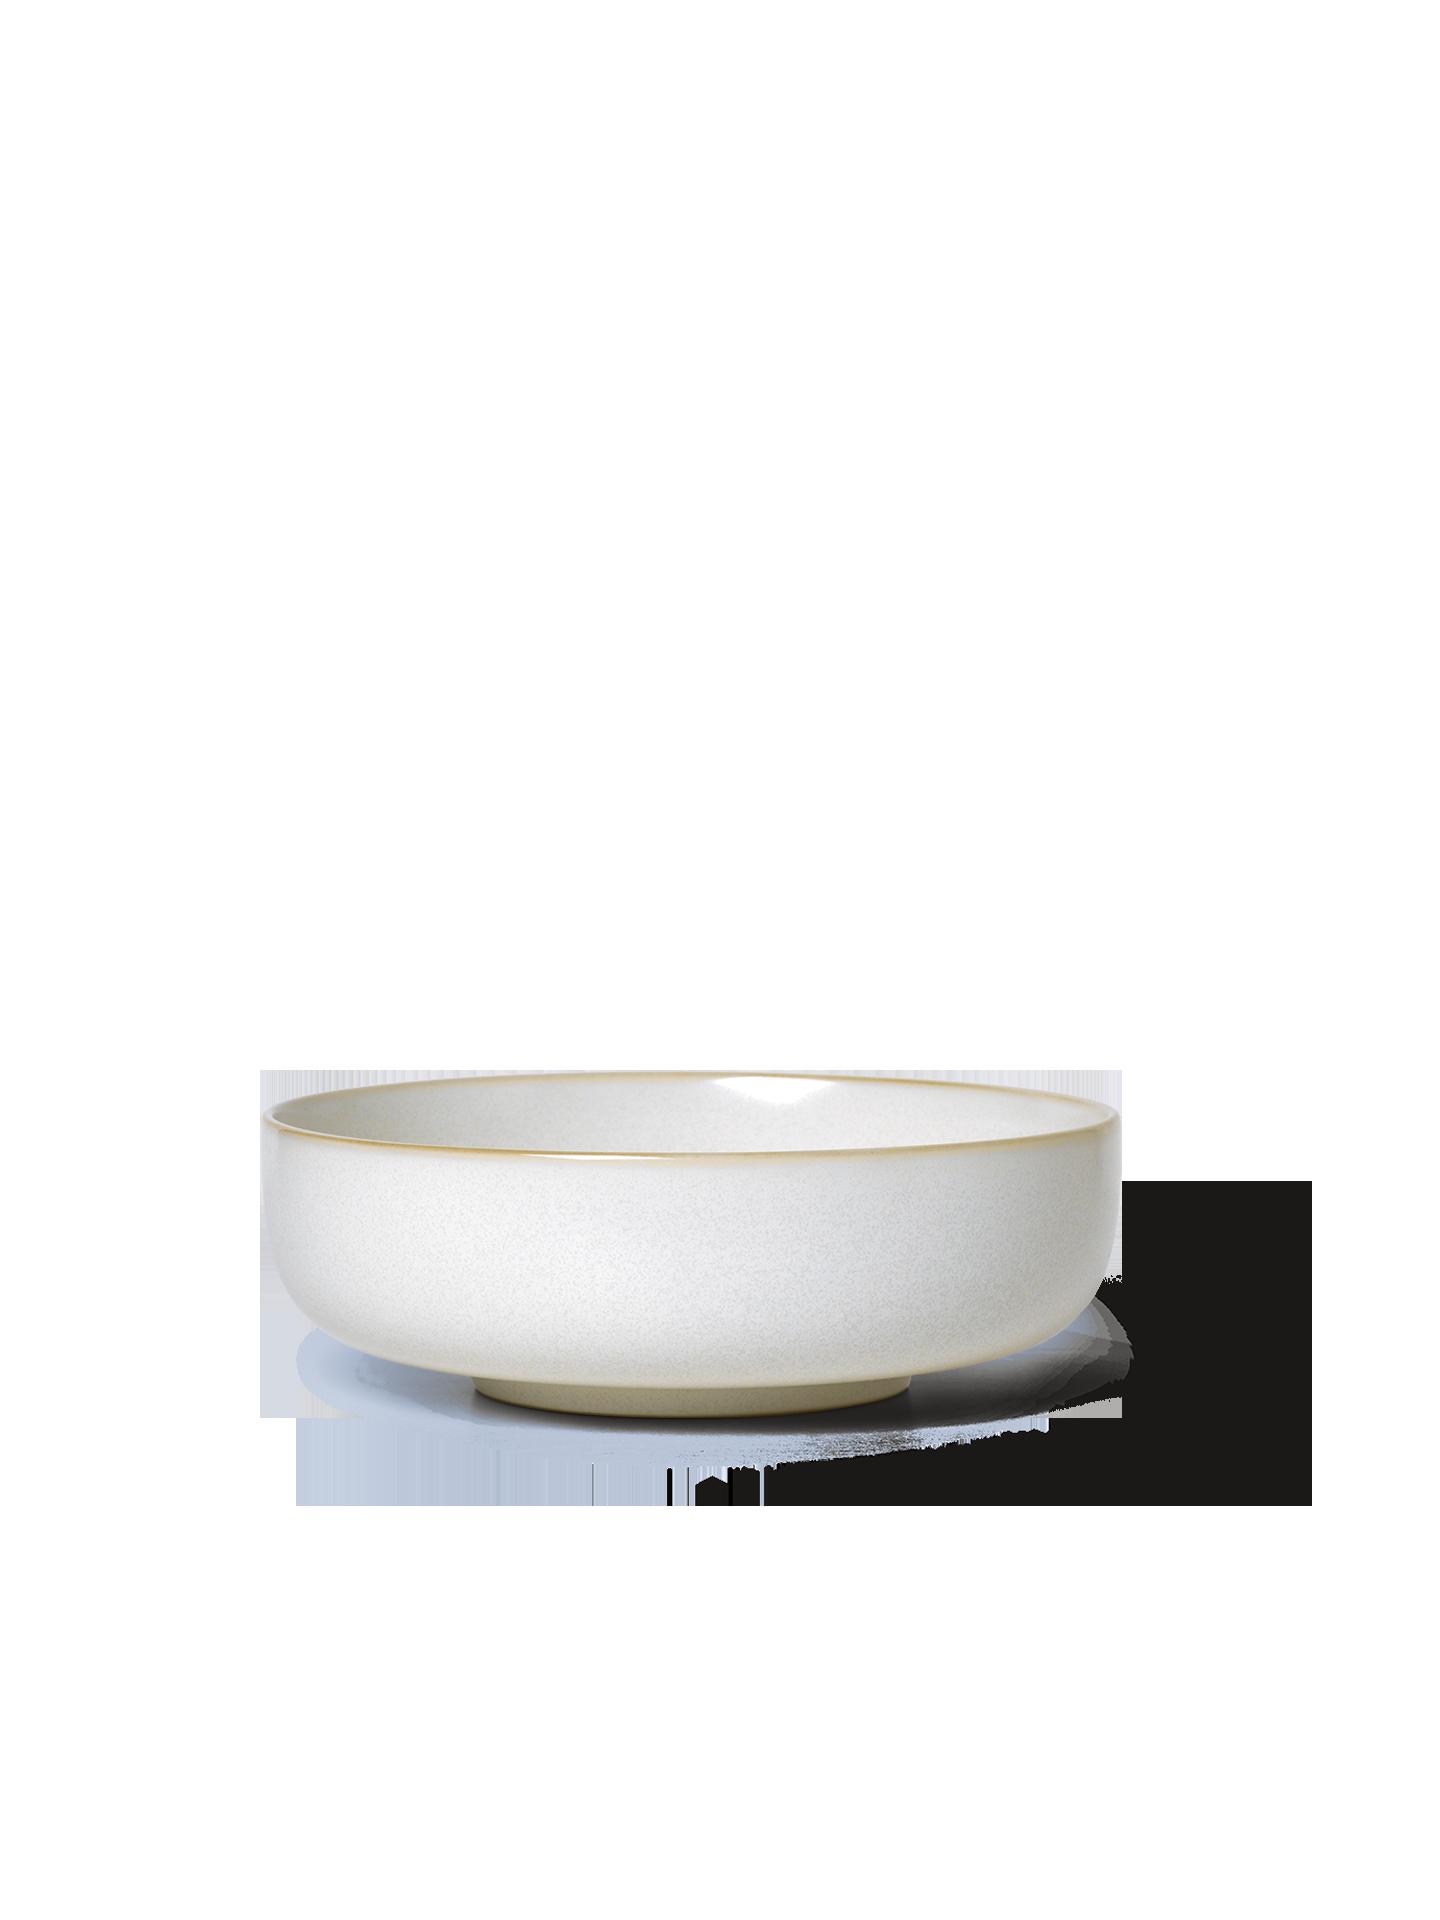 Sekki Bowl - Large - Cream